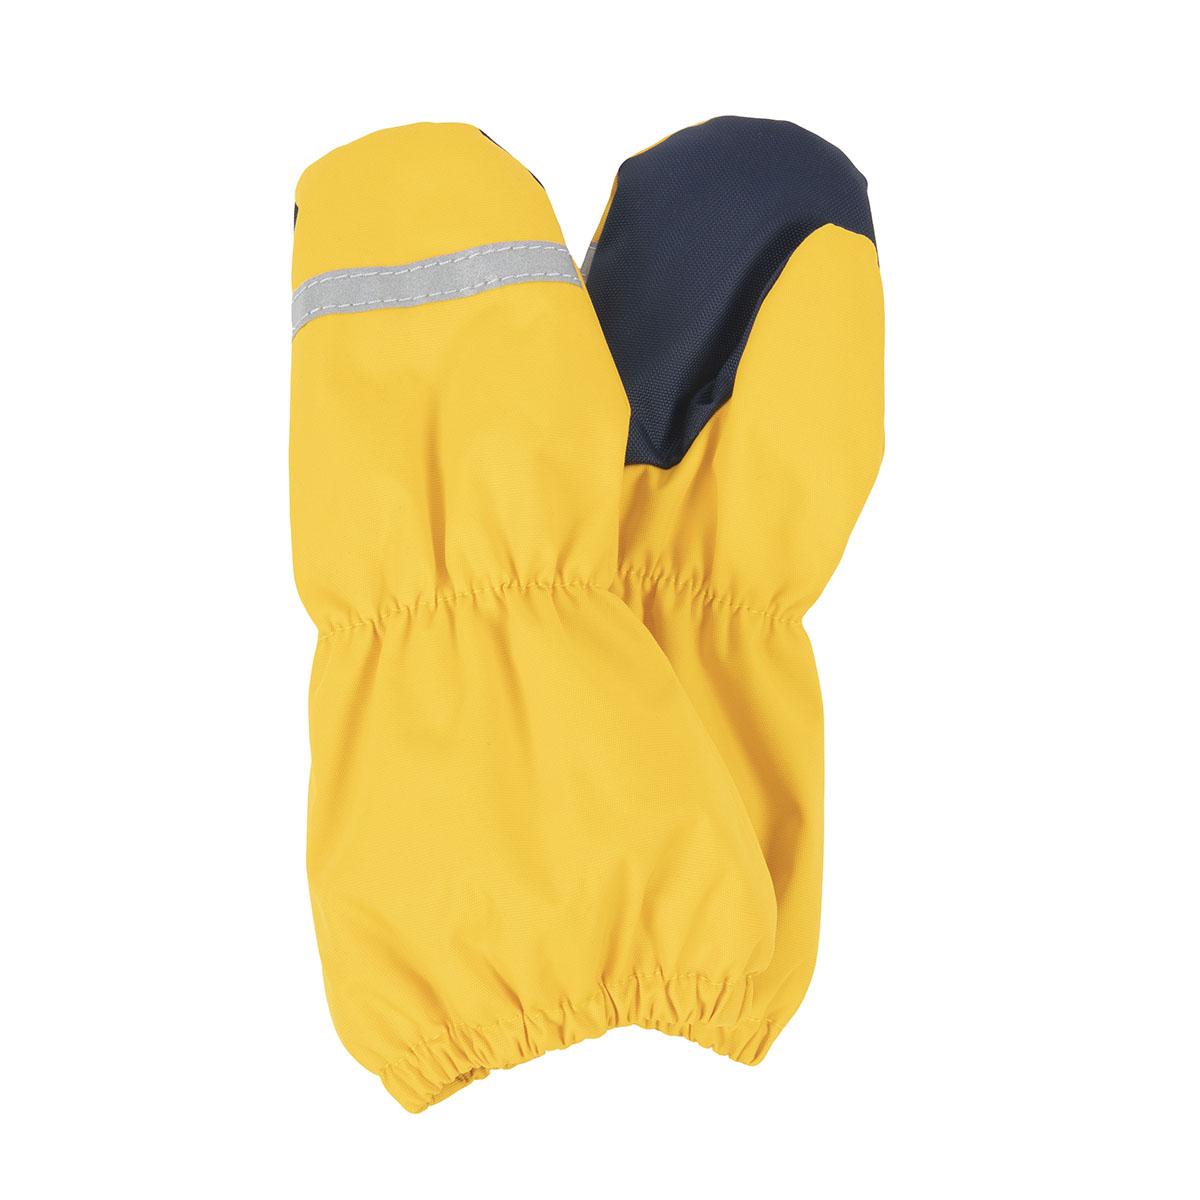 Рукавицы RAIN Kerry, Размер 1, Цвет 109-желтый K21173-109_1